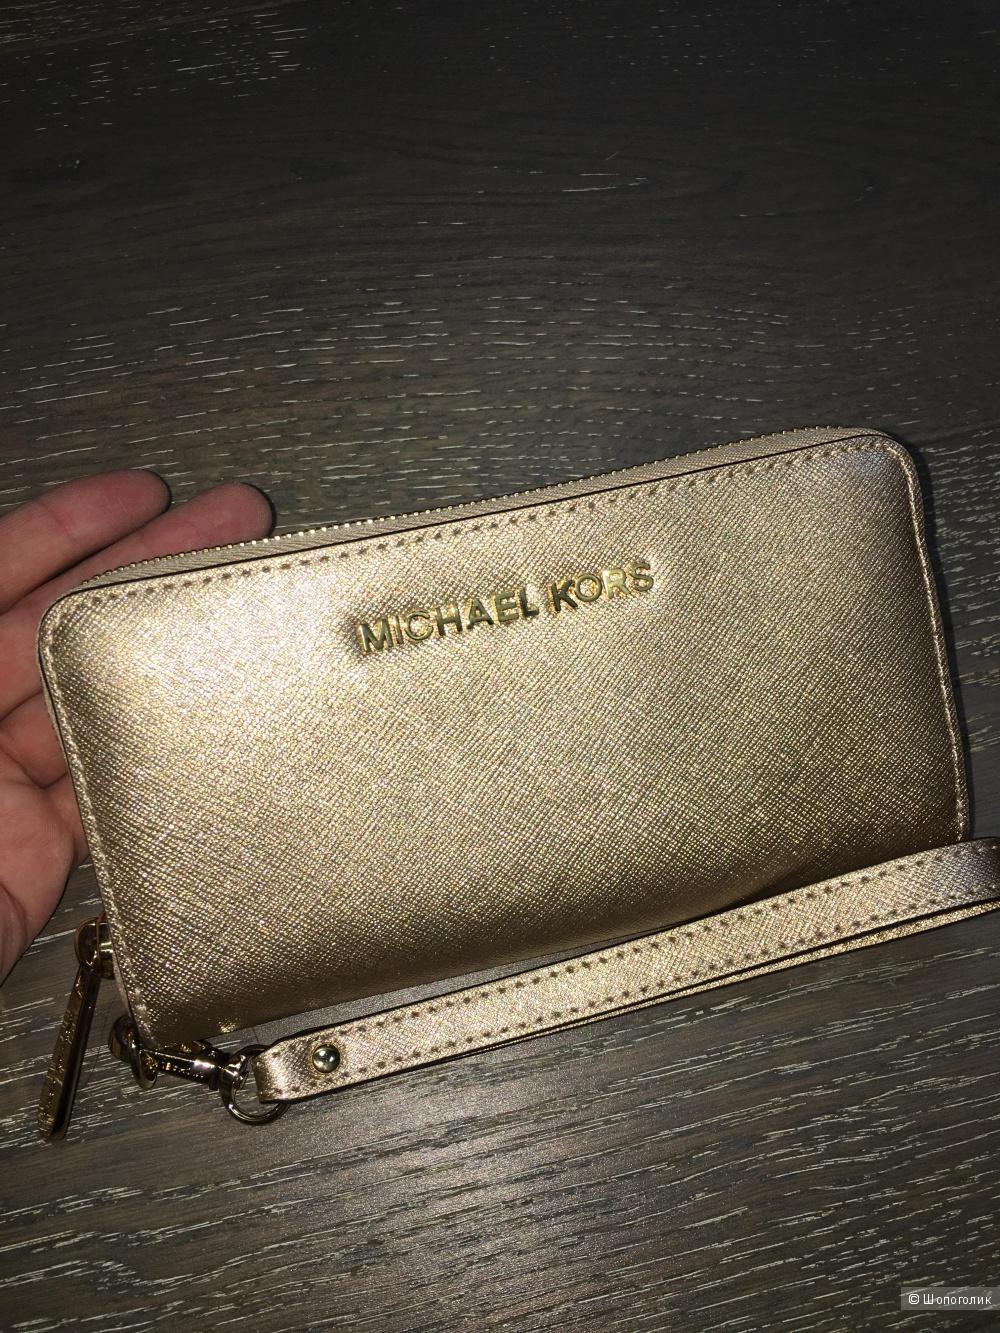 Кошелек Michael Kors, золотой металлик, оригинал